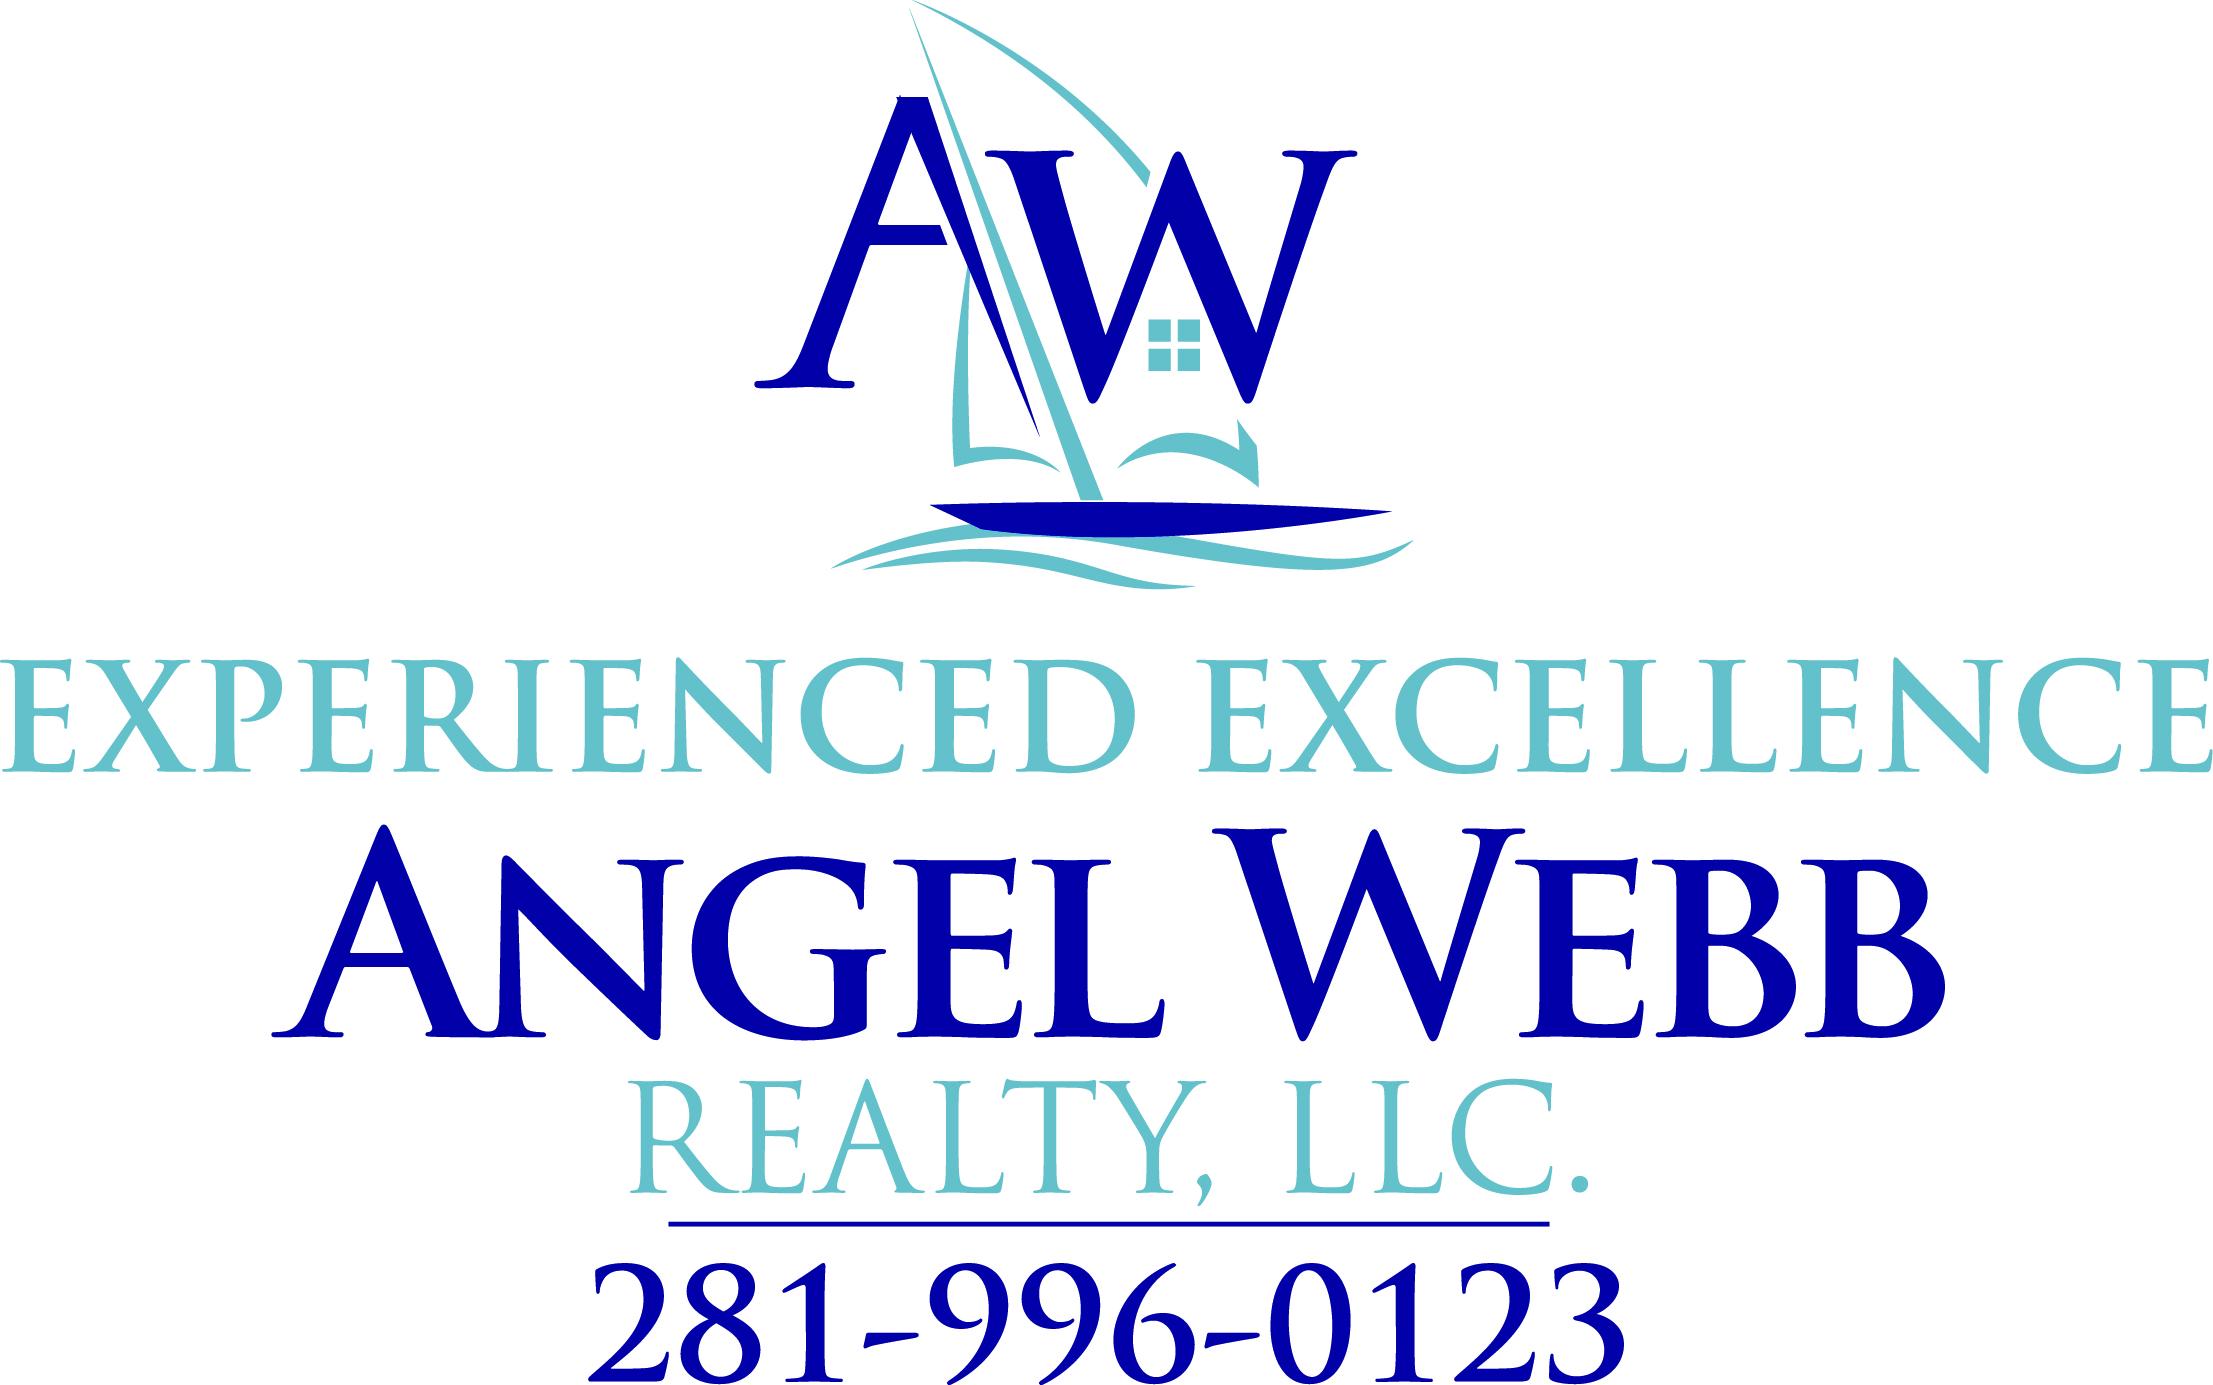 Angel Webb Realty, LLC